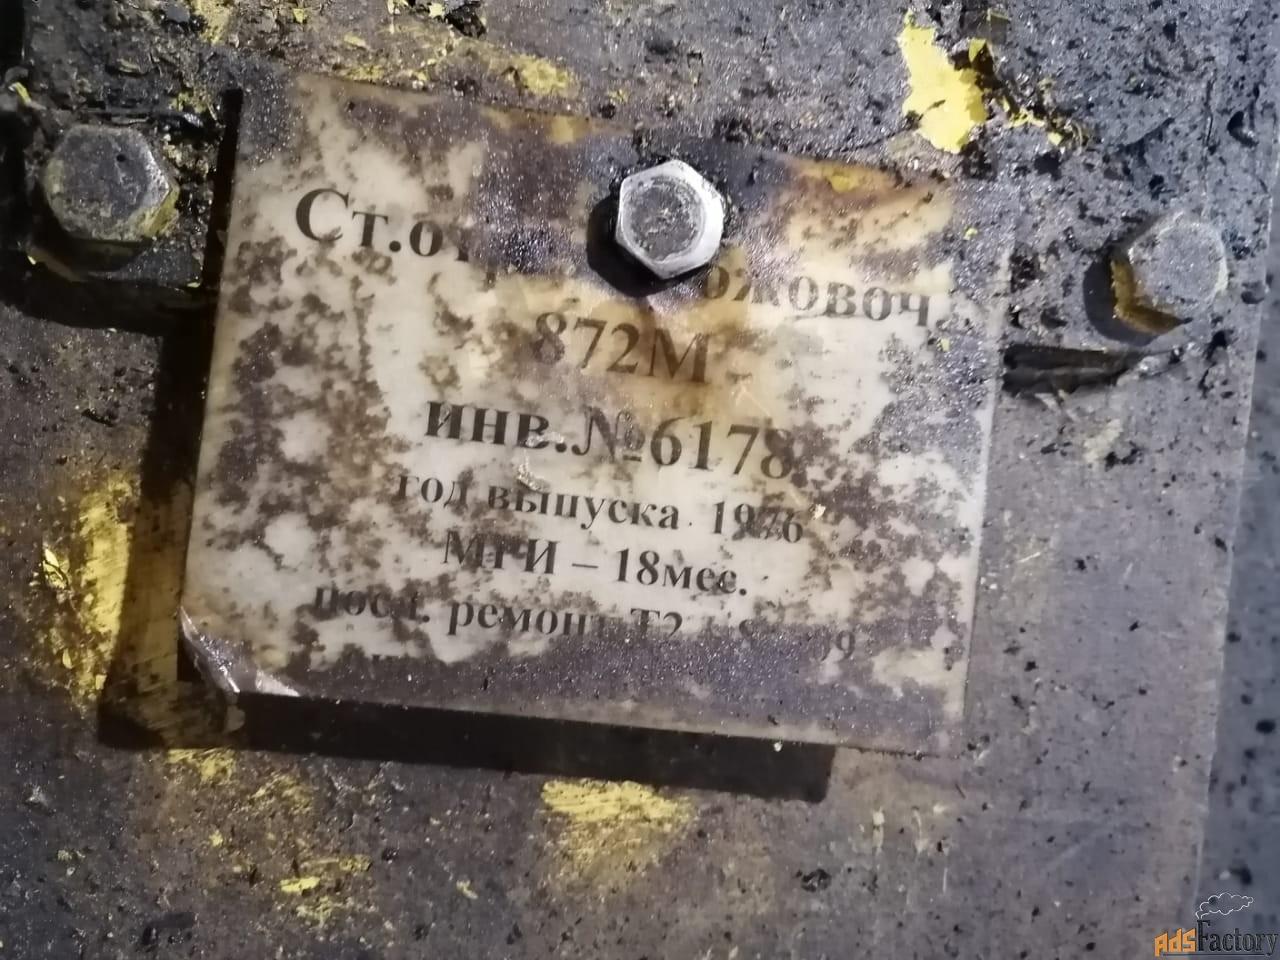 продам 872м станок ножовочный (отрезной) 1976 г.в.